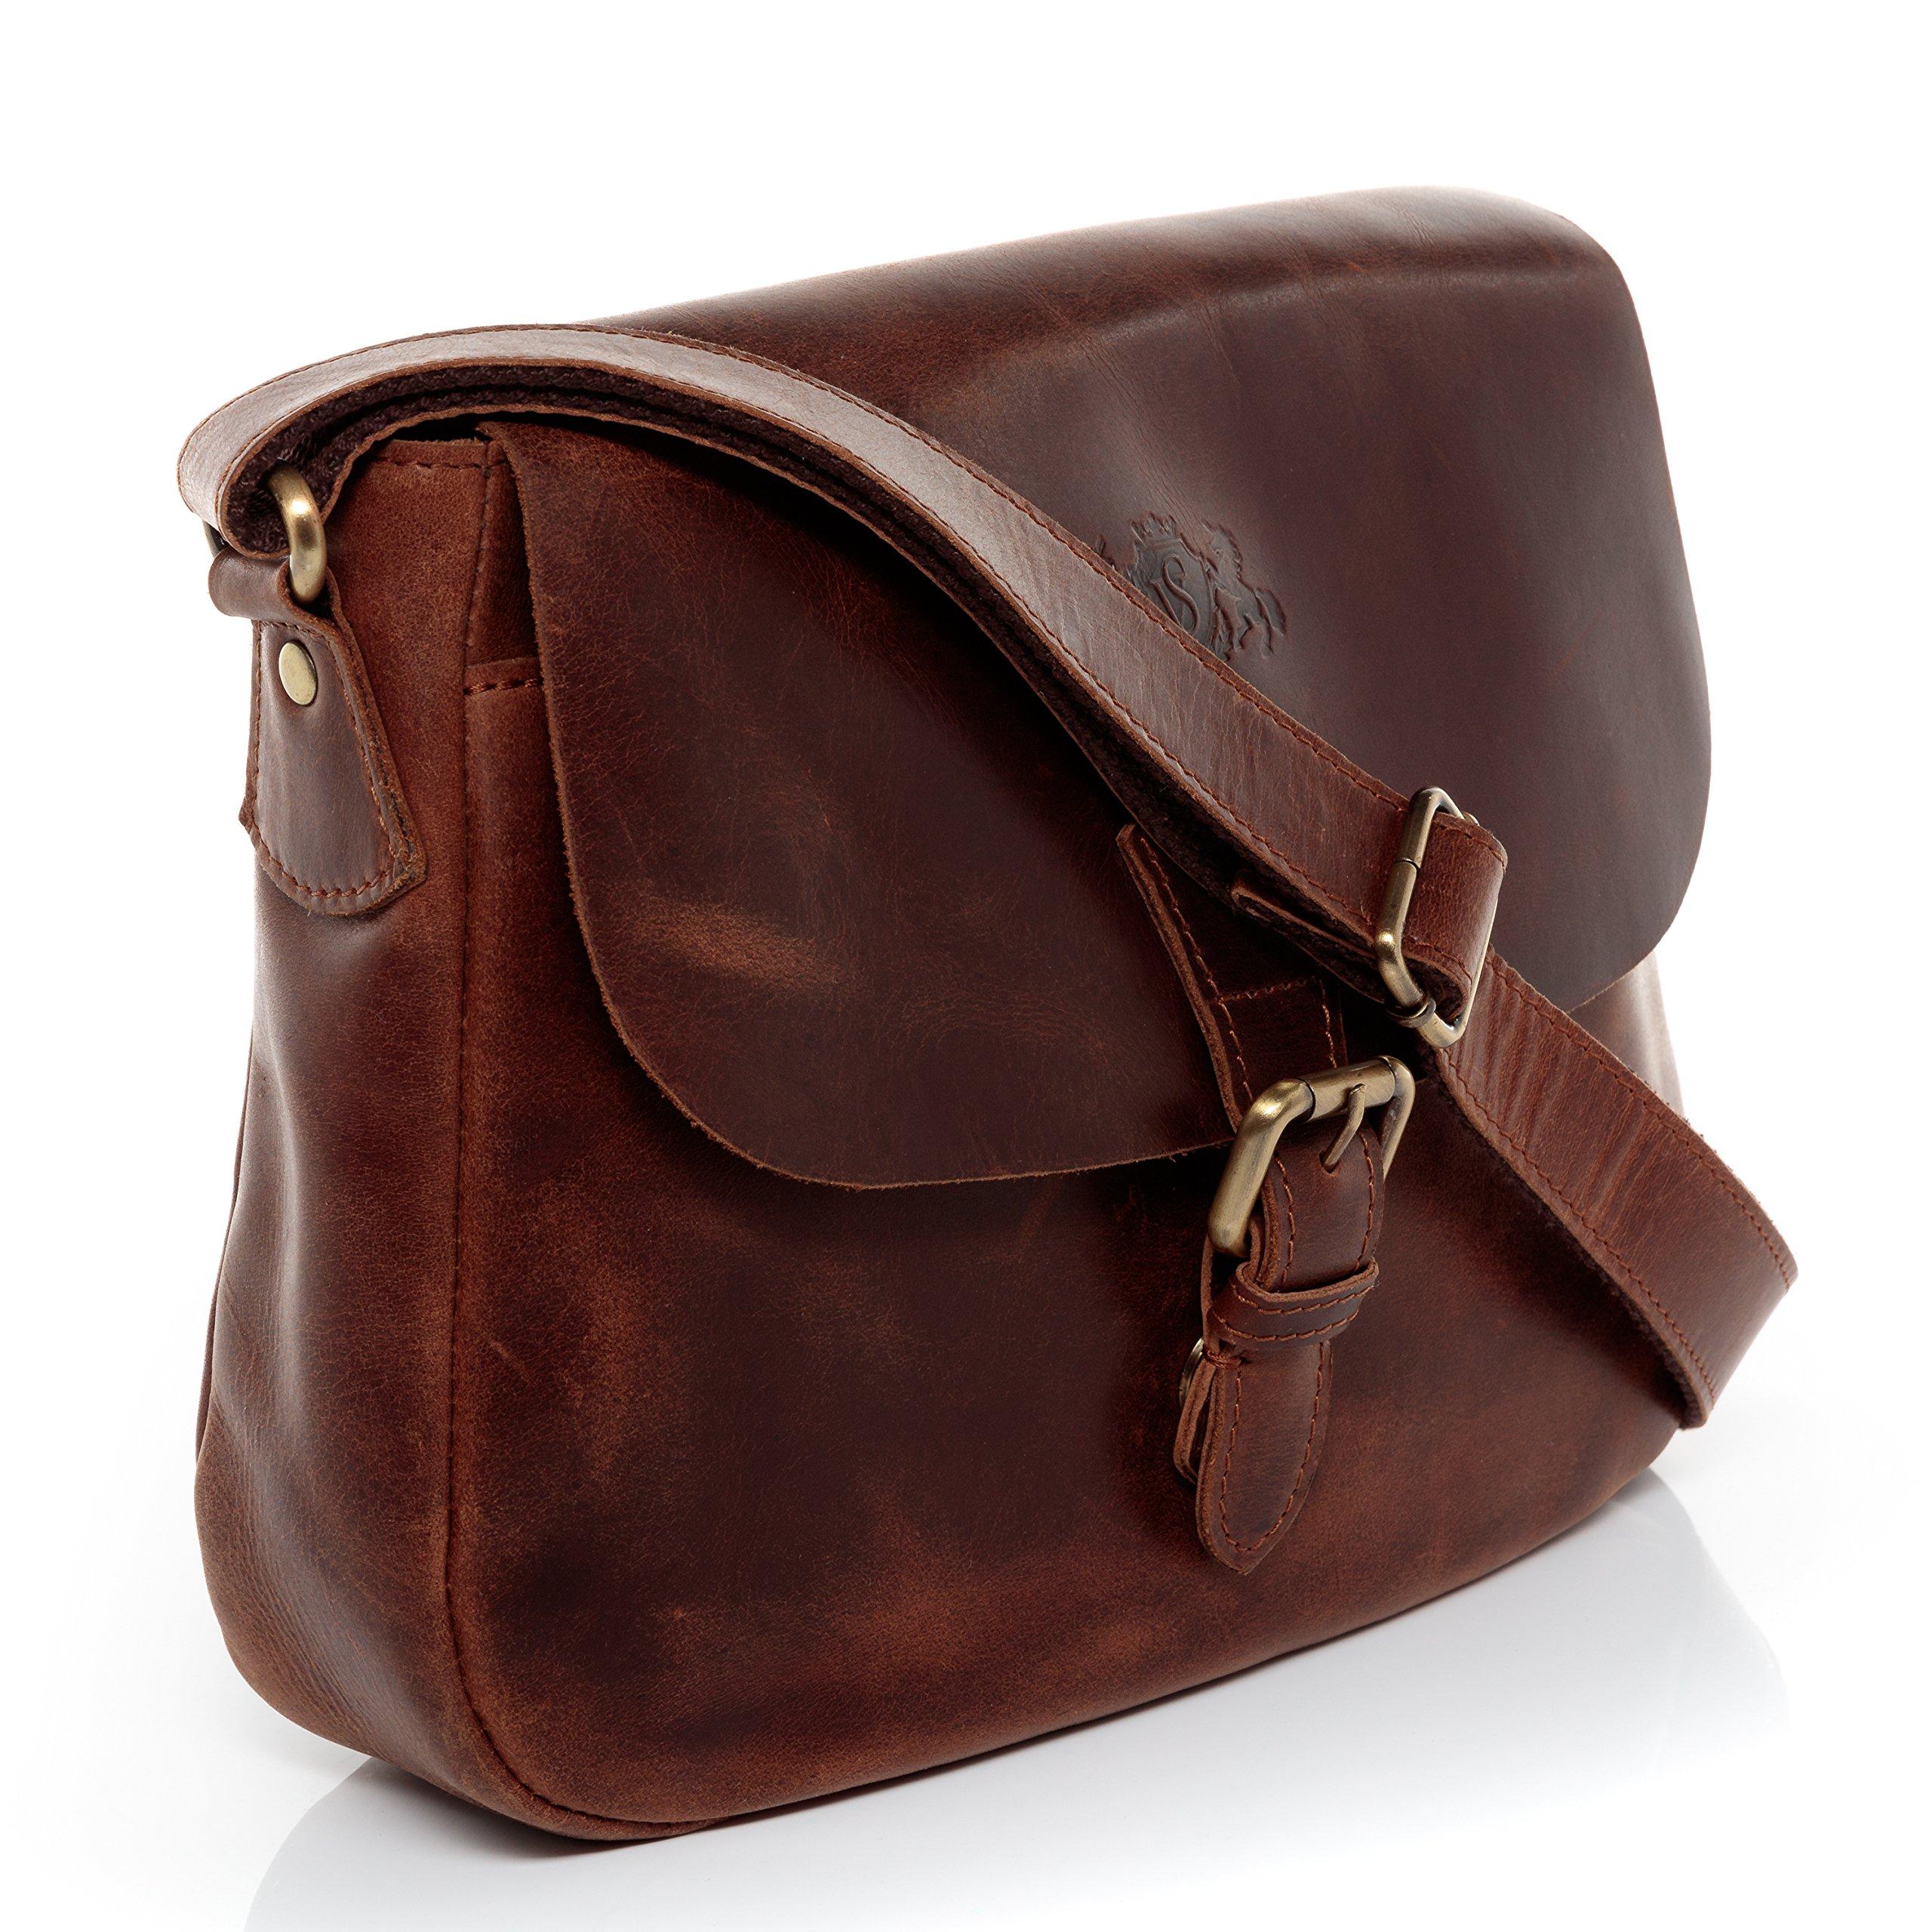 SID   VAIN® borsa a spalla vera pelle vintage YALE piccolo sacchetto  tracolla donna cuoio 3fd539ab08d